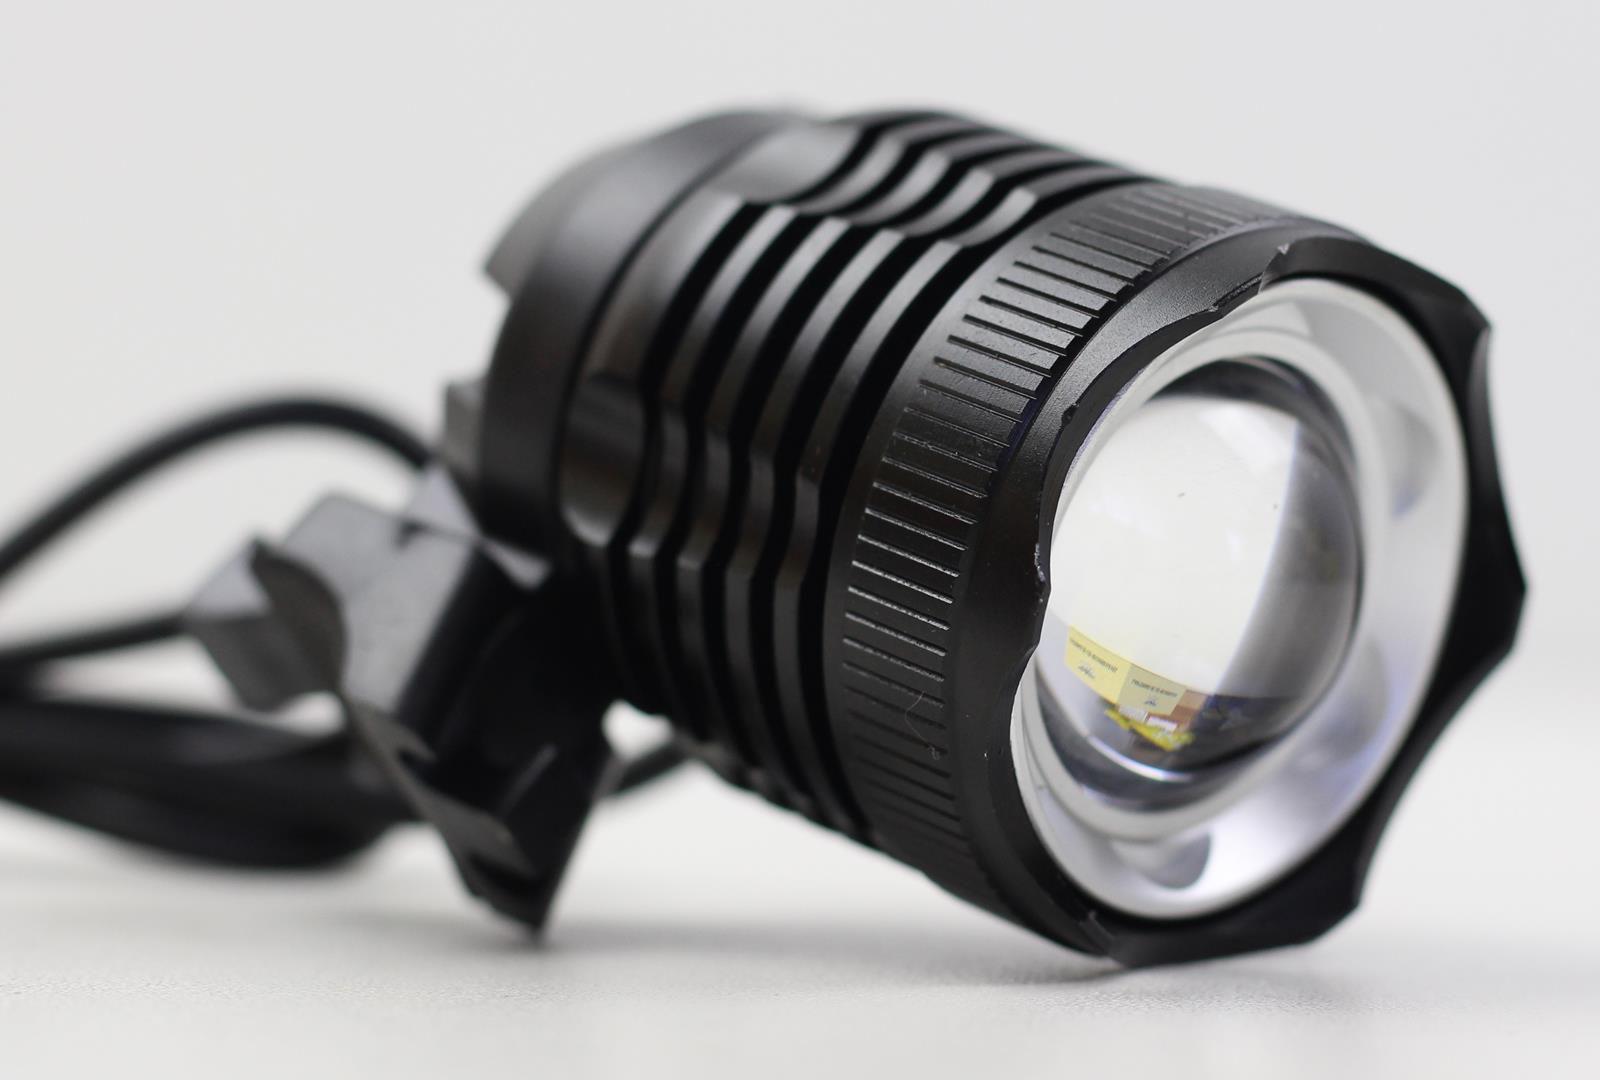 Farol para Bicicletas JWS JY-8867 com Super Led Cree T6 Bateria Recarregável de 6 células Zoom e Foco Ajustável